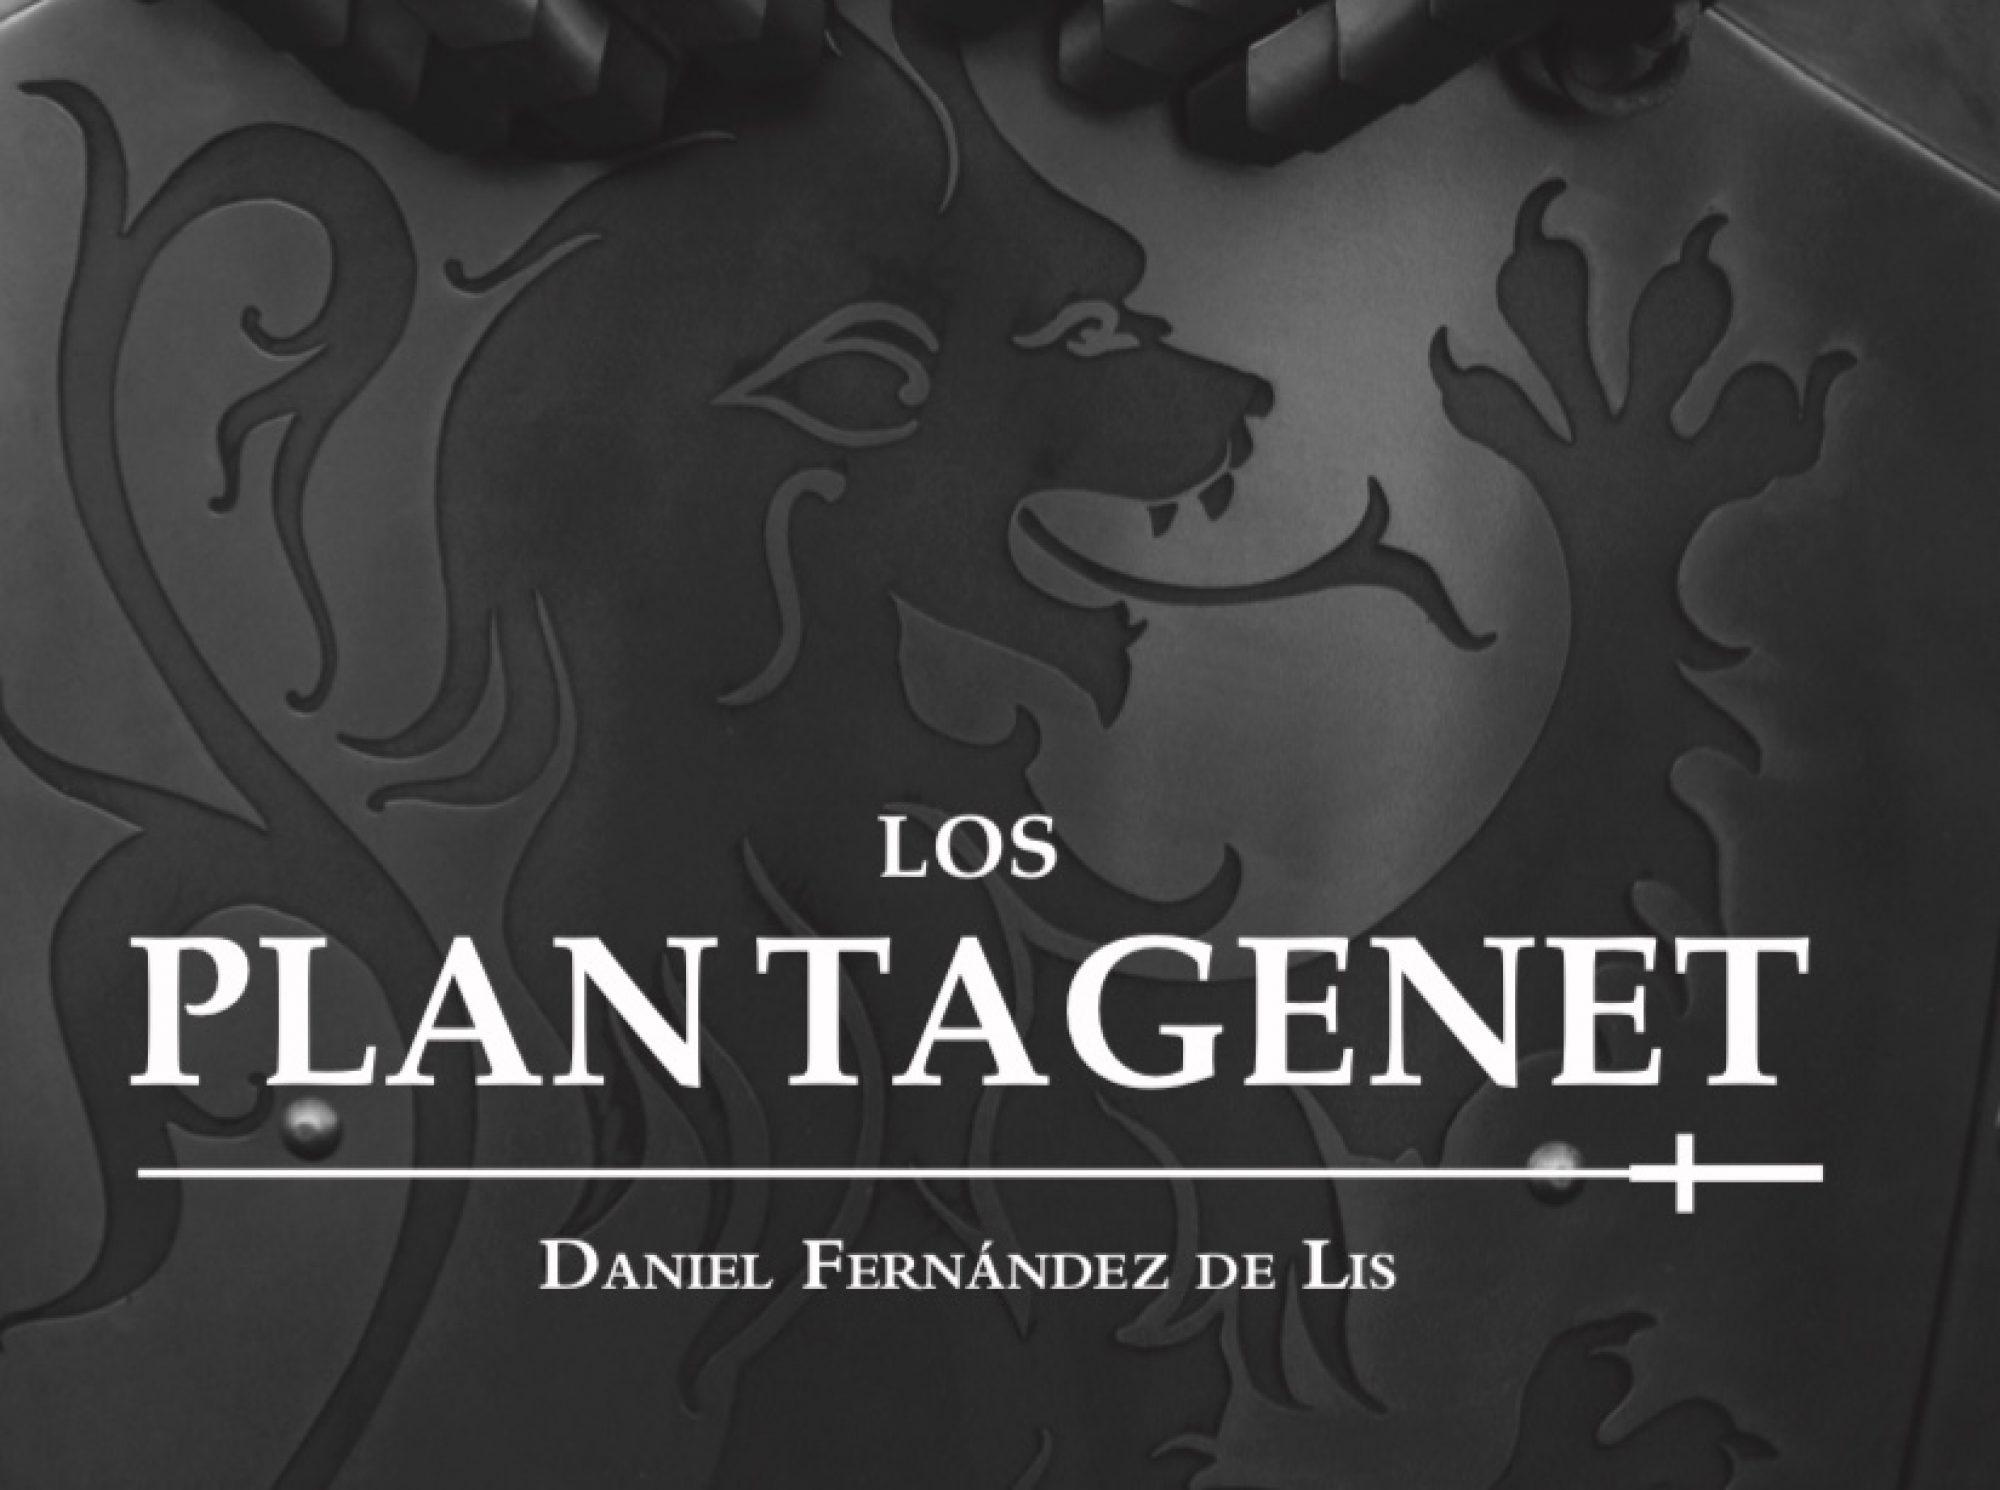 Los Plantagenet